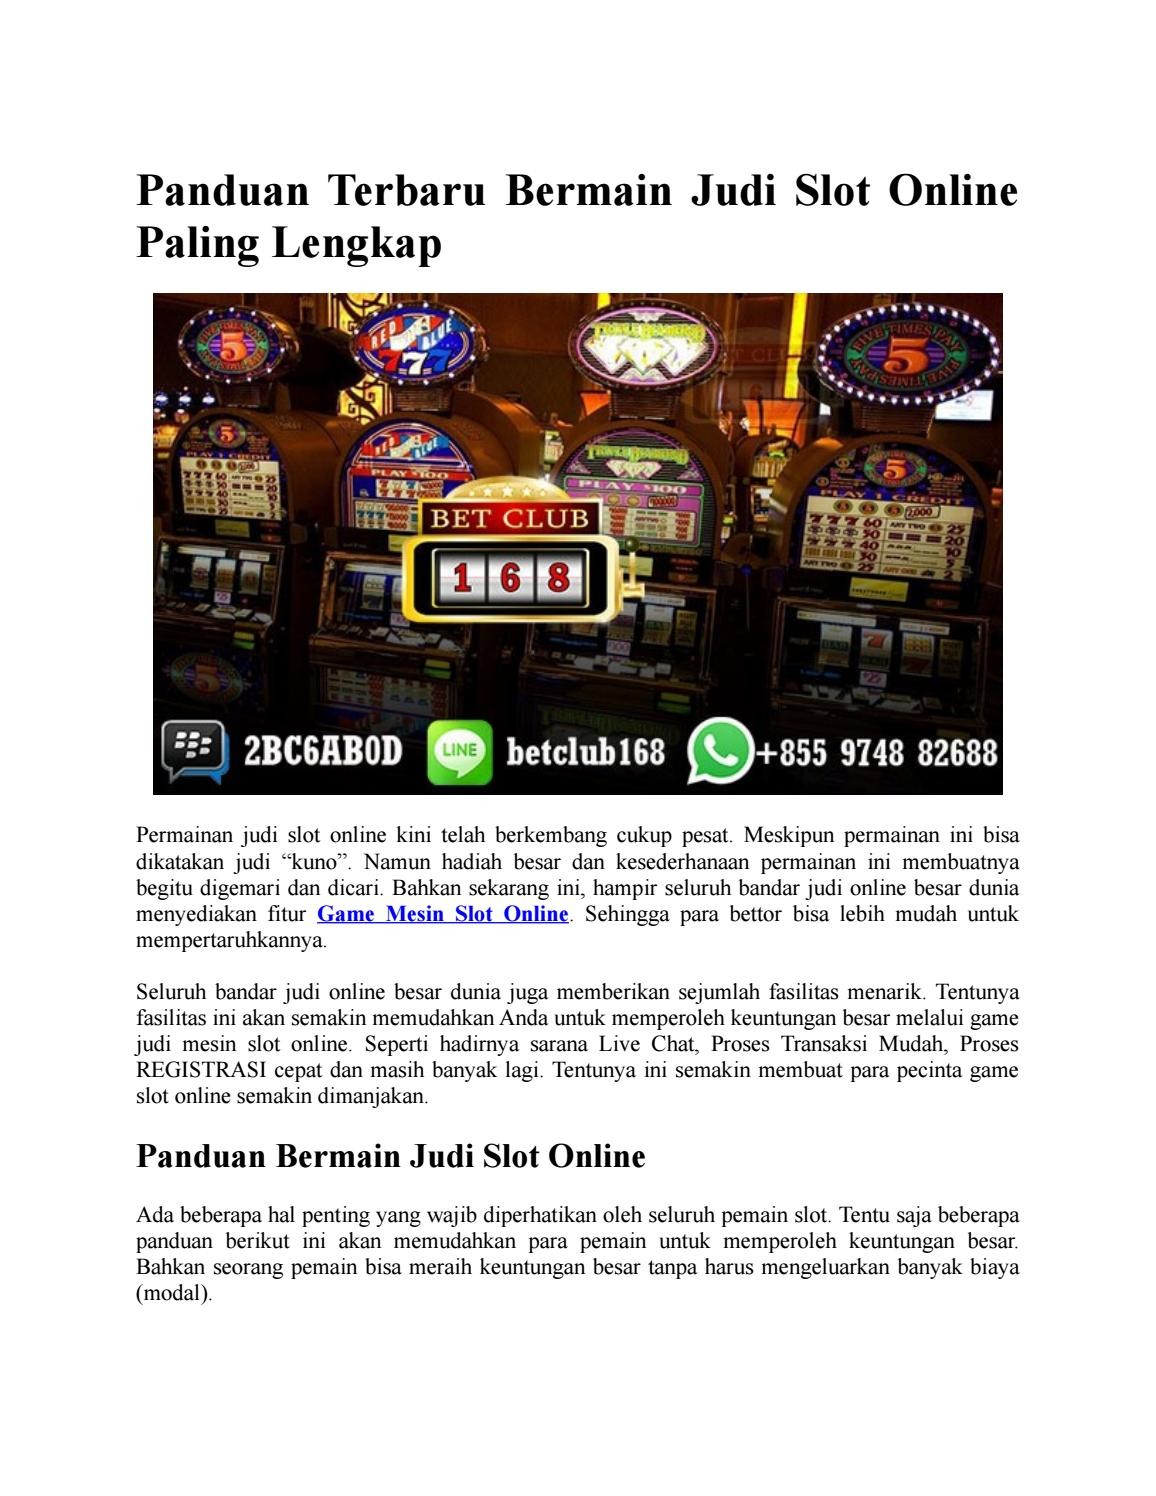 Panduan Terbaru Bermain Judi Slot Online Paling Lengkap By Situs Judi Slot Terbaik Issuu